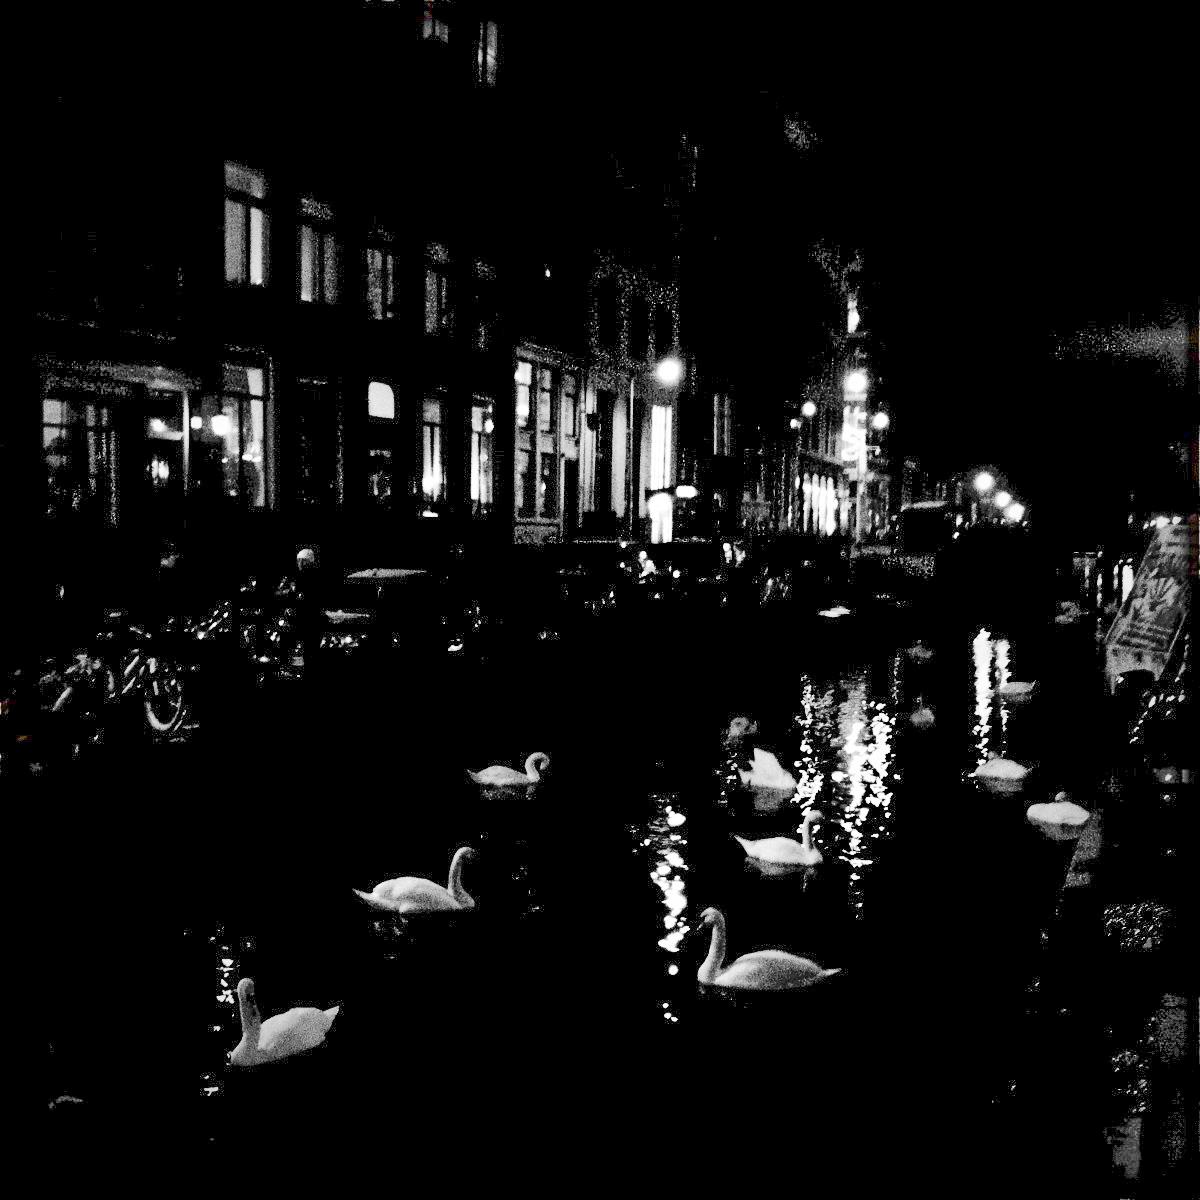 Schwäne auf dem Oudezijds Achterburgwal im Rotlichtviertel.